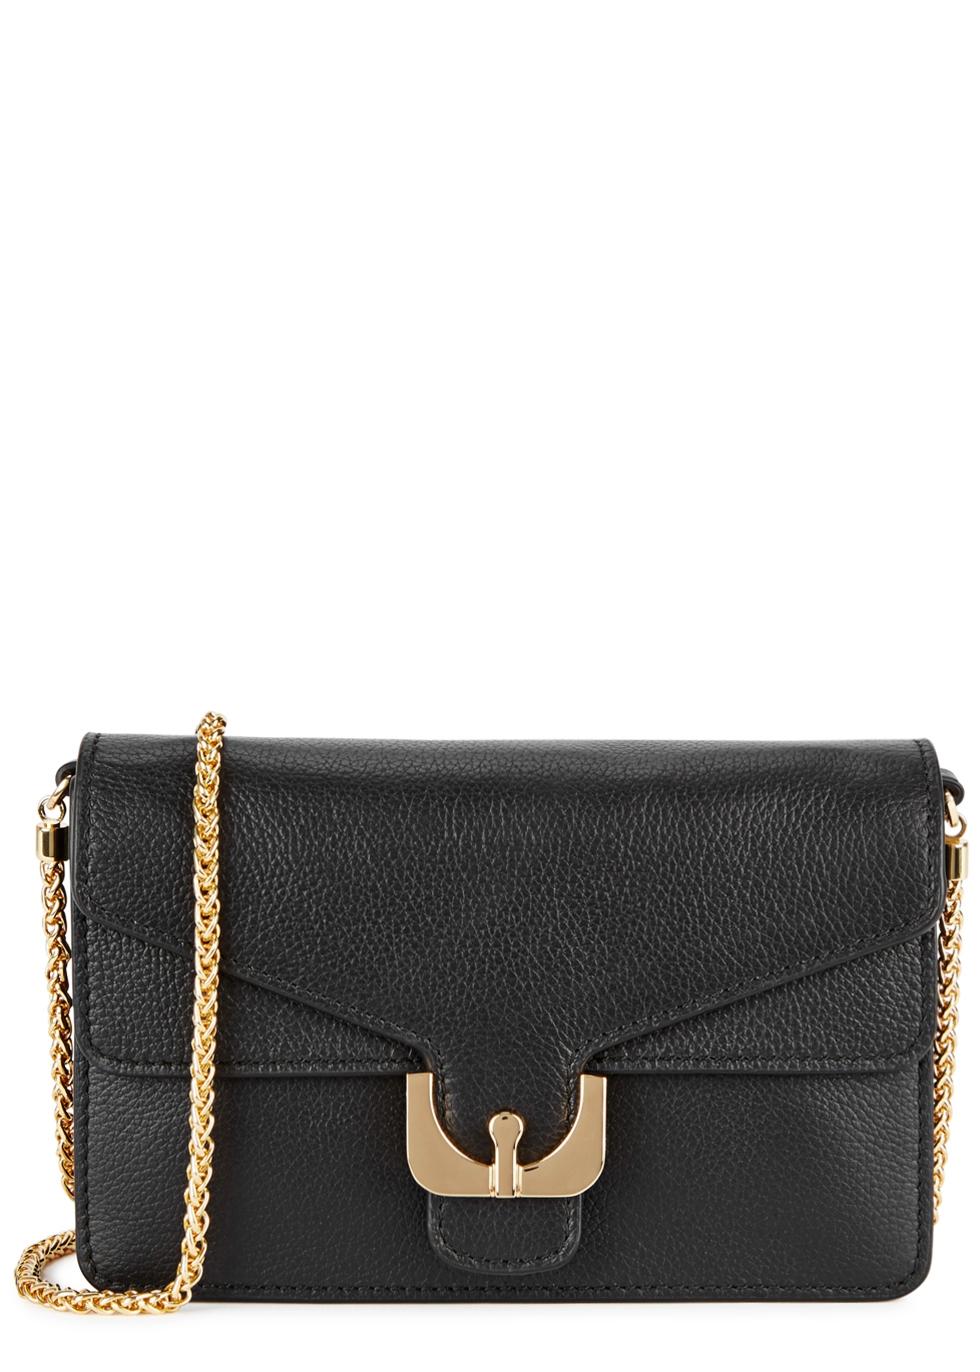 Ambrine Grained Leather Shoulder Bag, Black